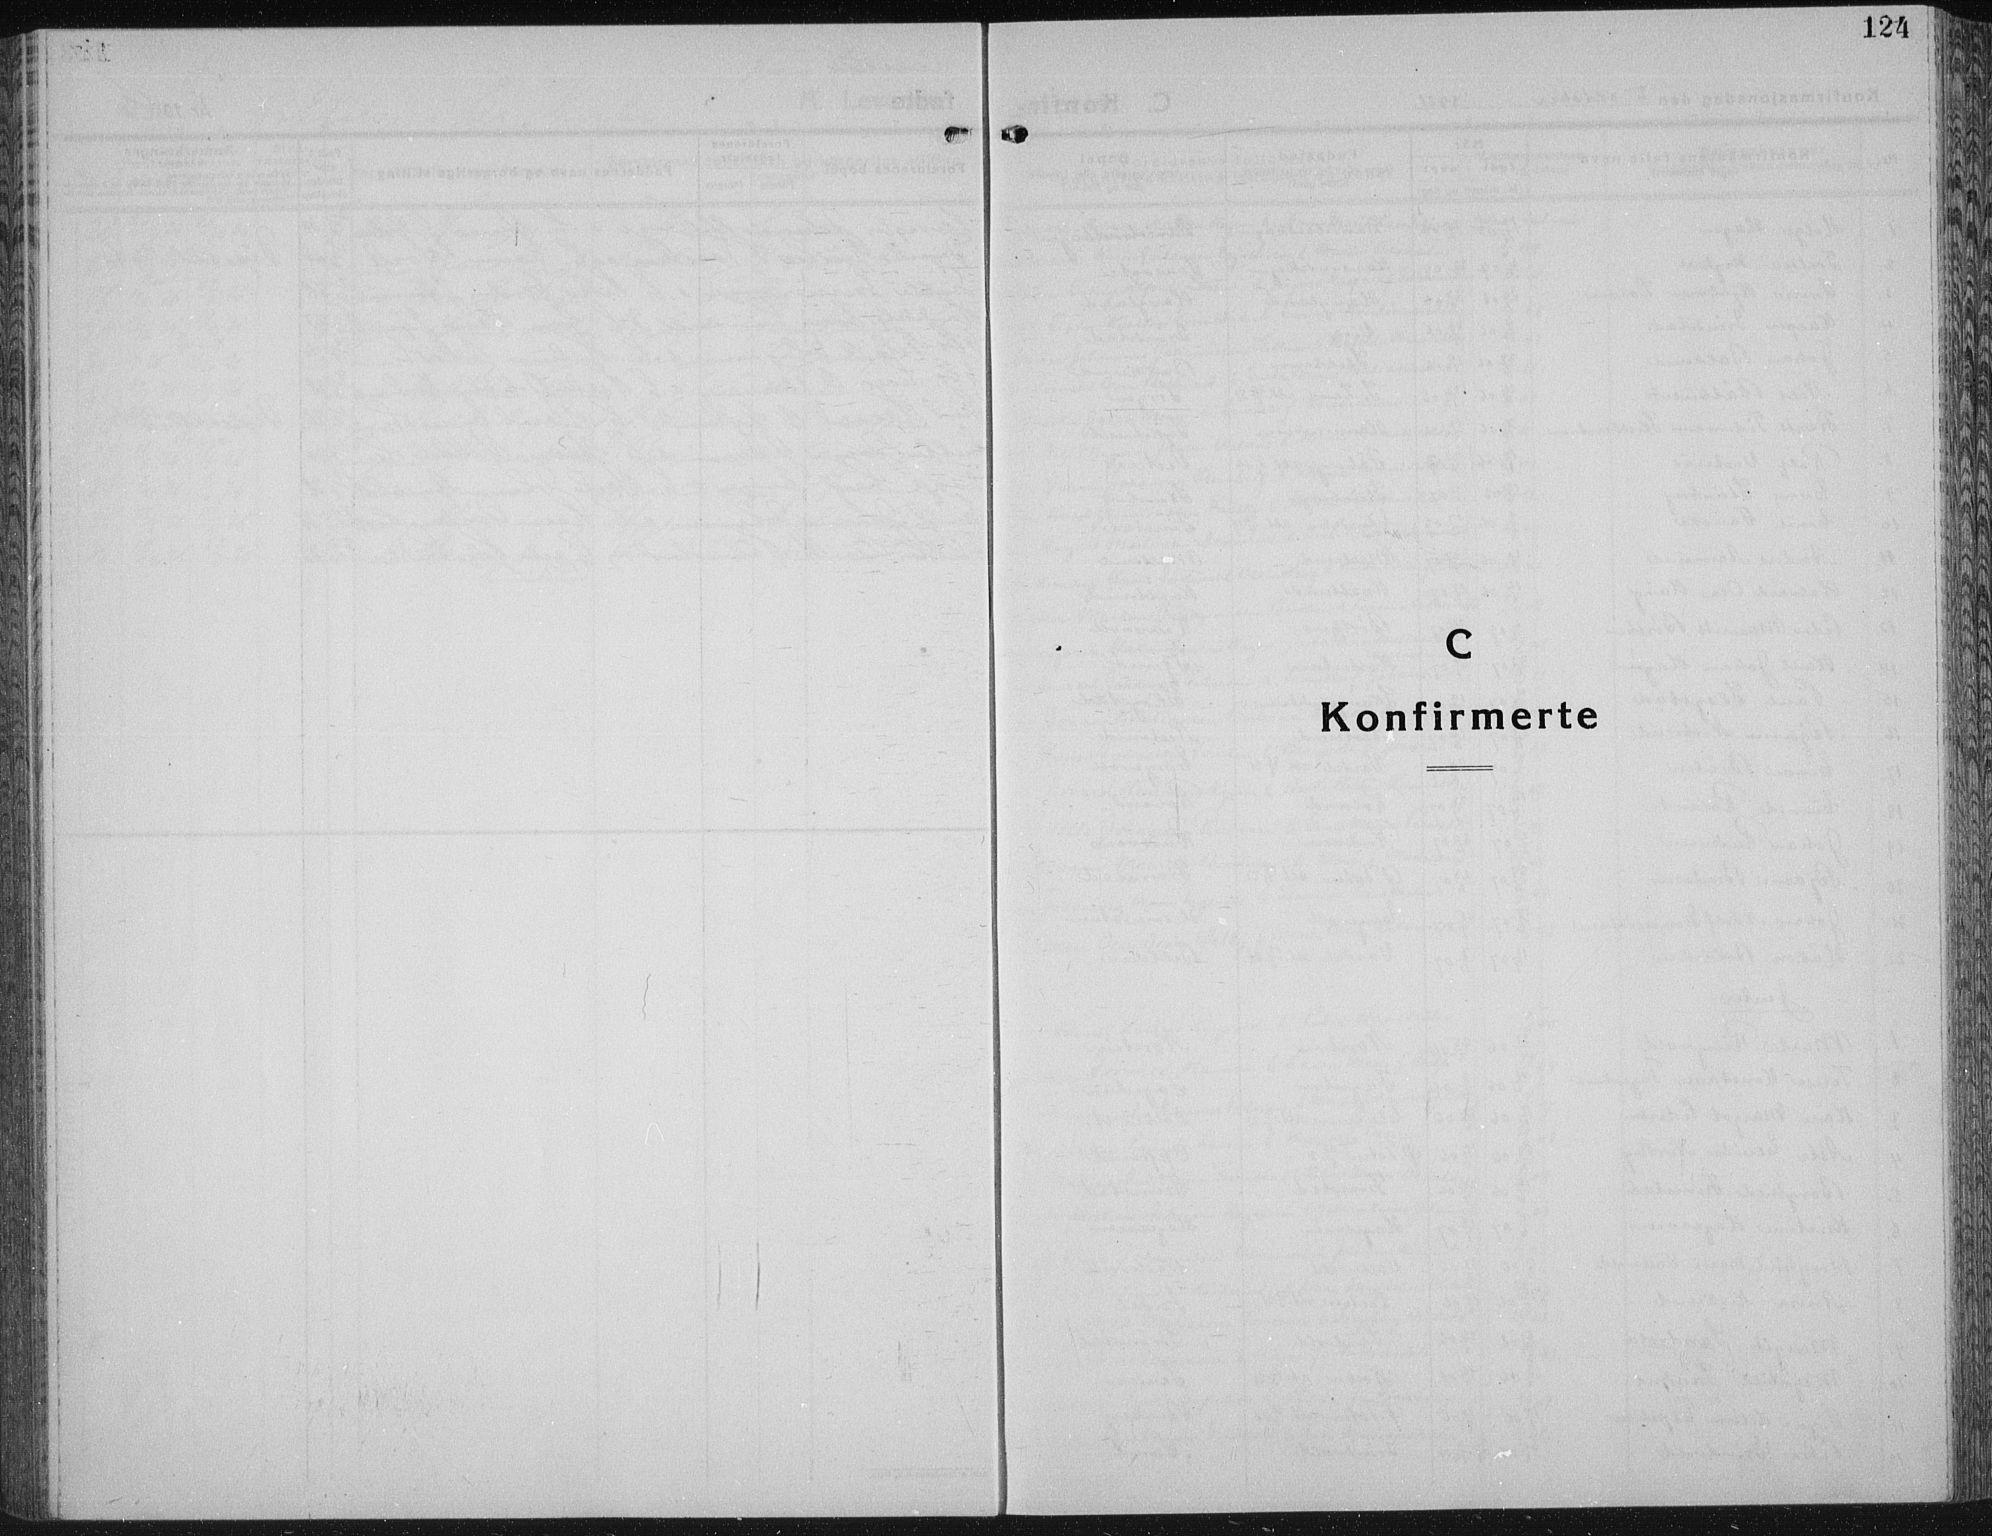 SAH, Vestre Toten prestekontor, Klokkerbok nr. 18, 1928-1941, s. 124